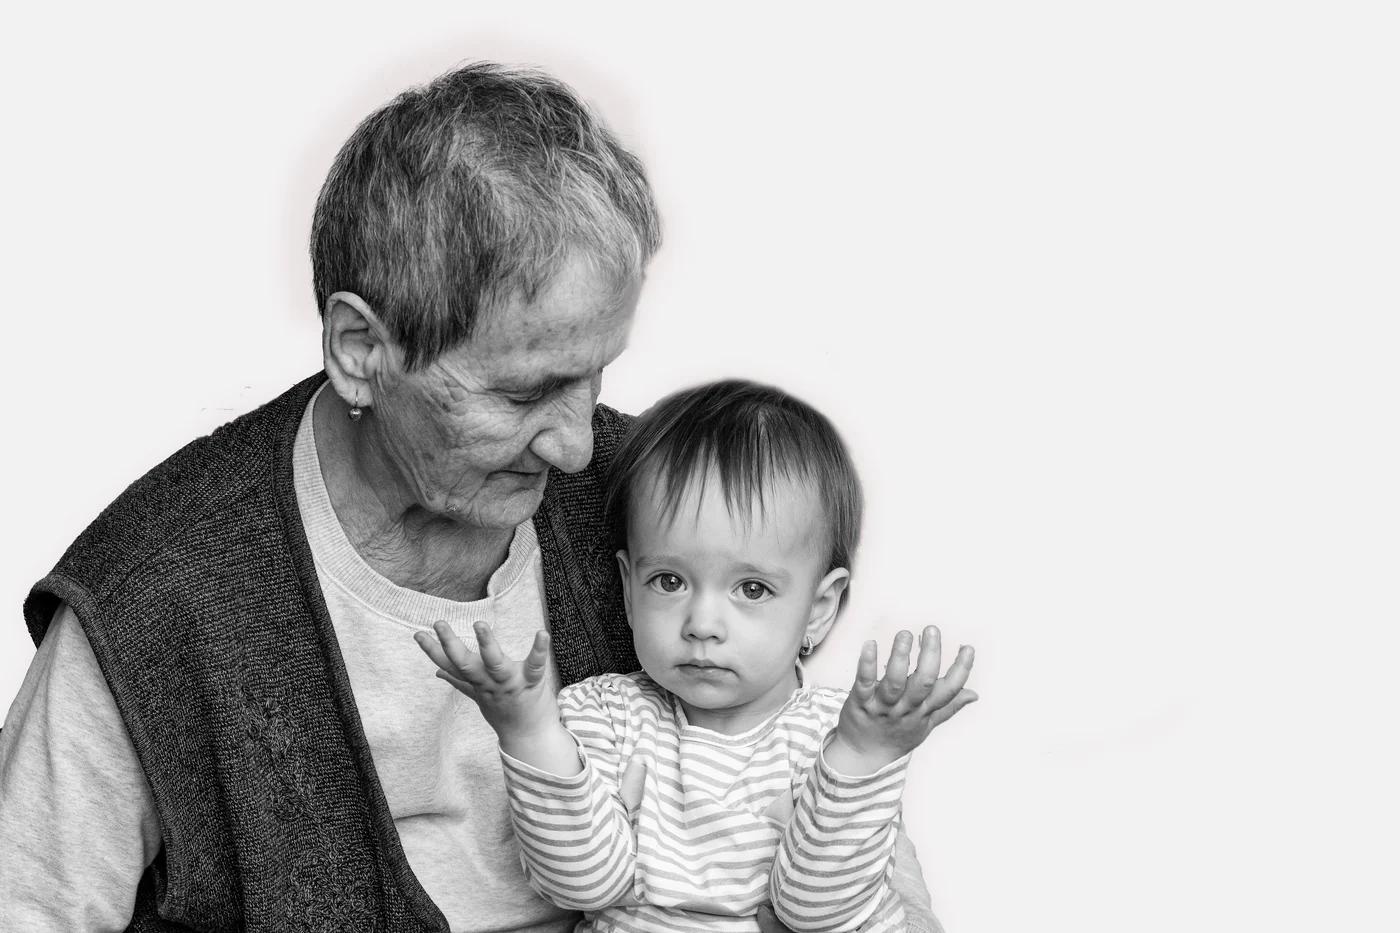 Всему свое время: геронтологи определили предельный возраст человека в 150 лет - 1